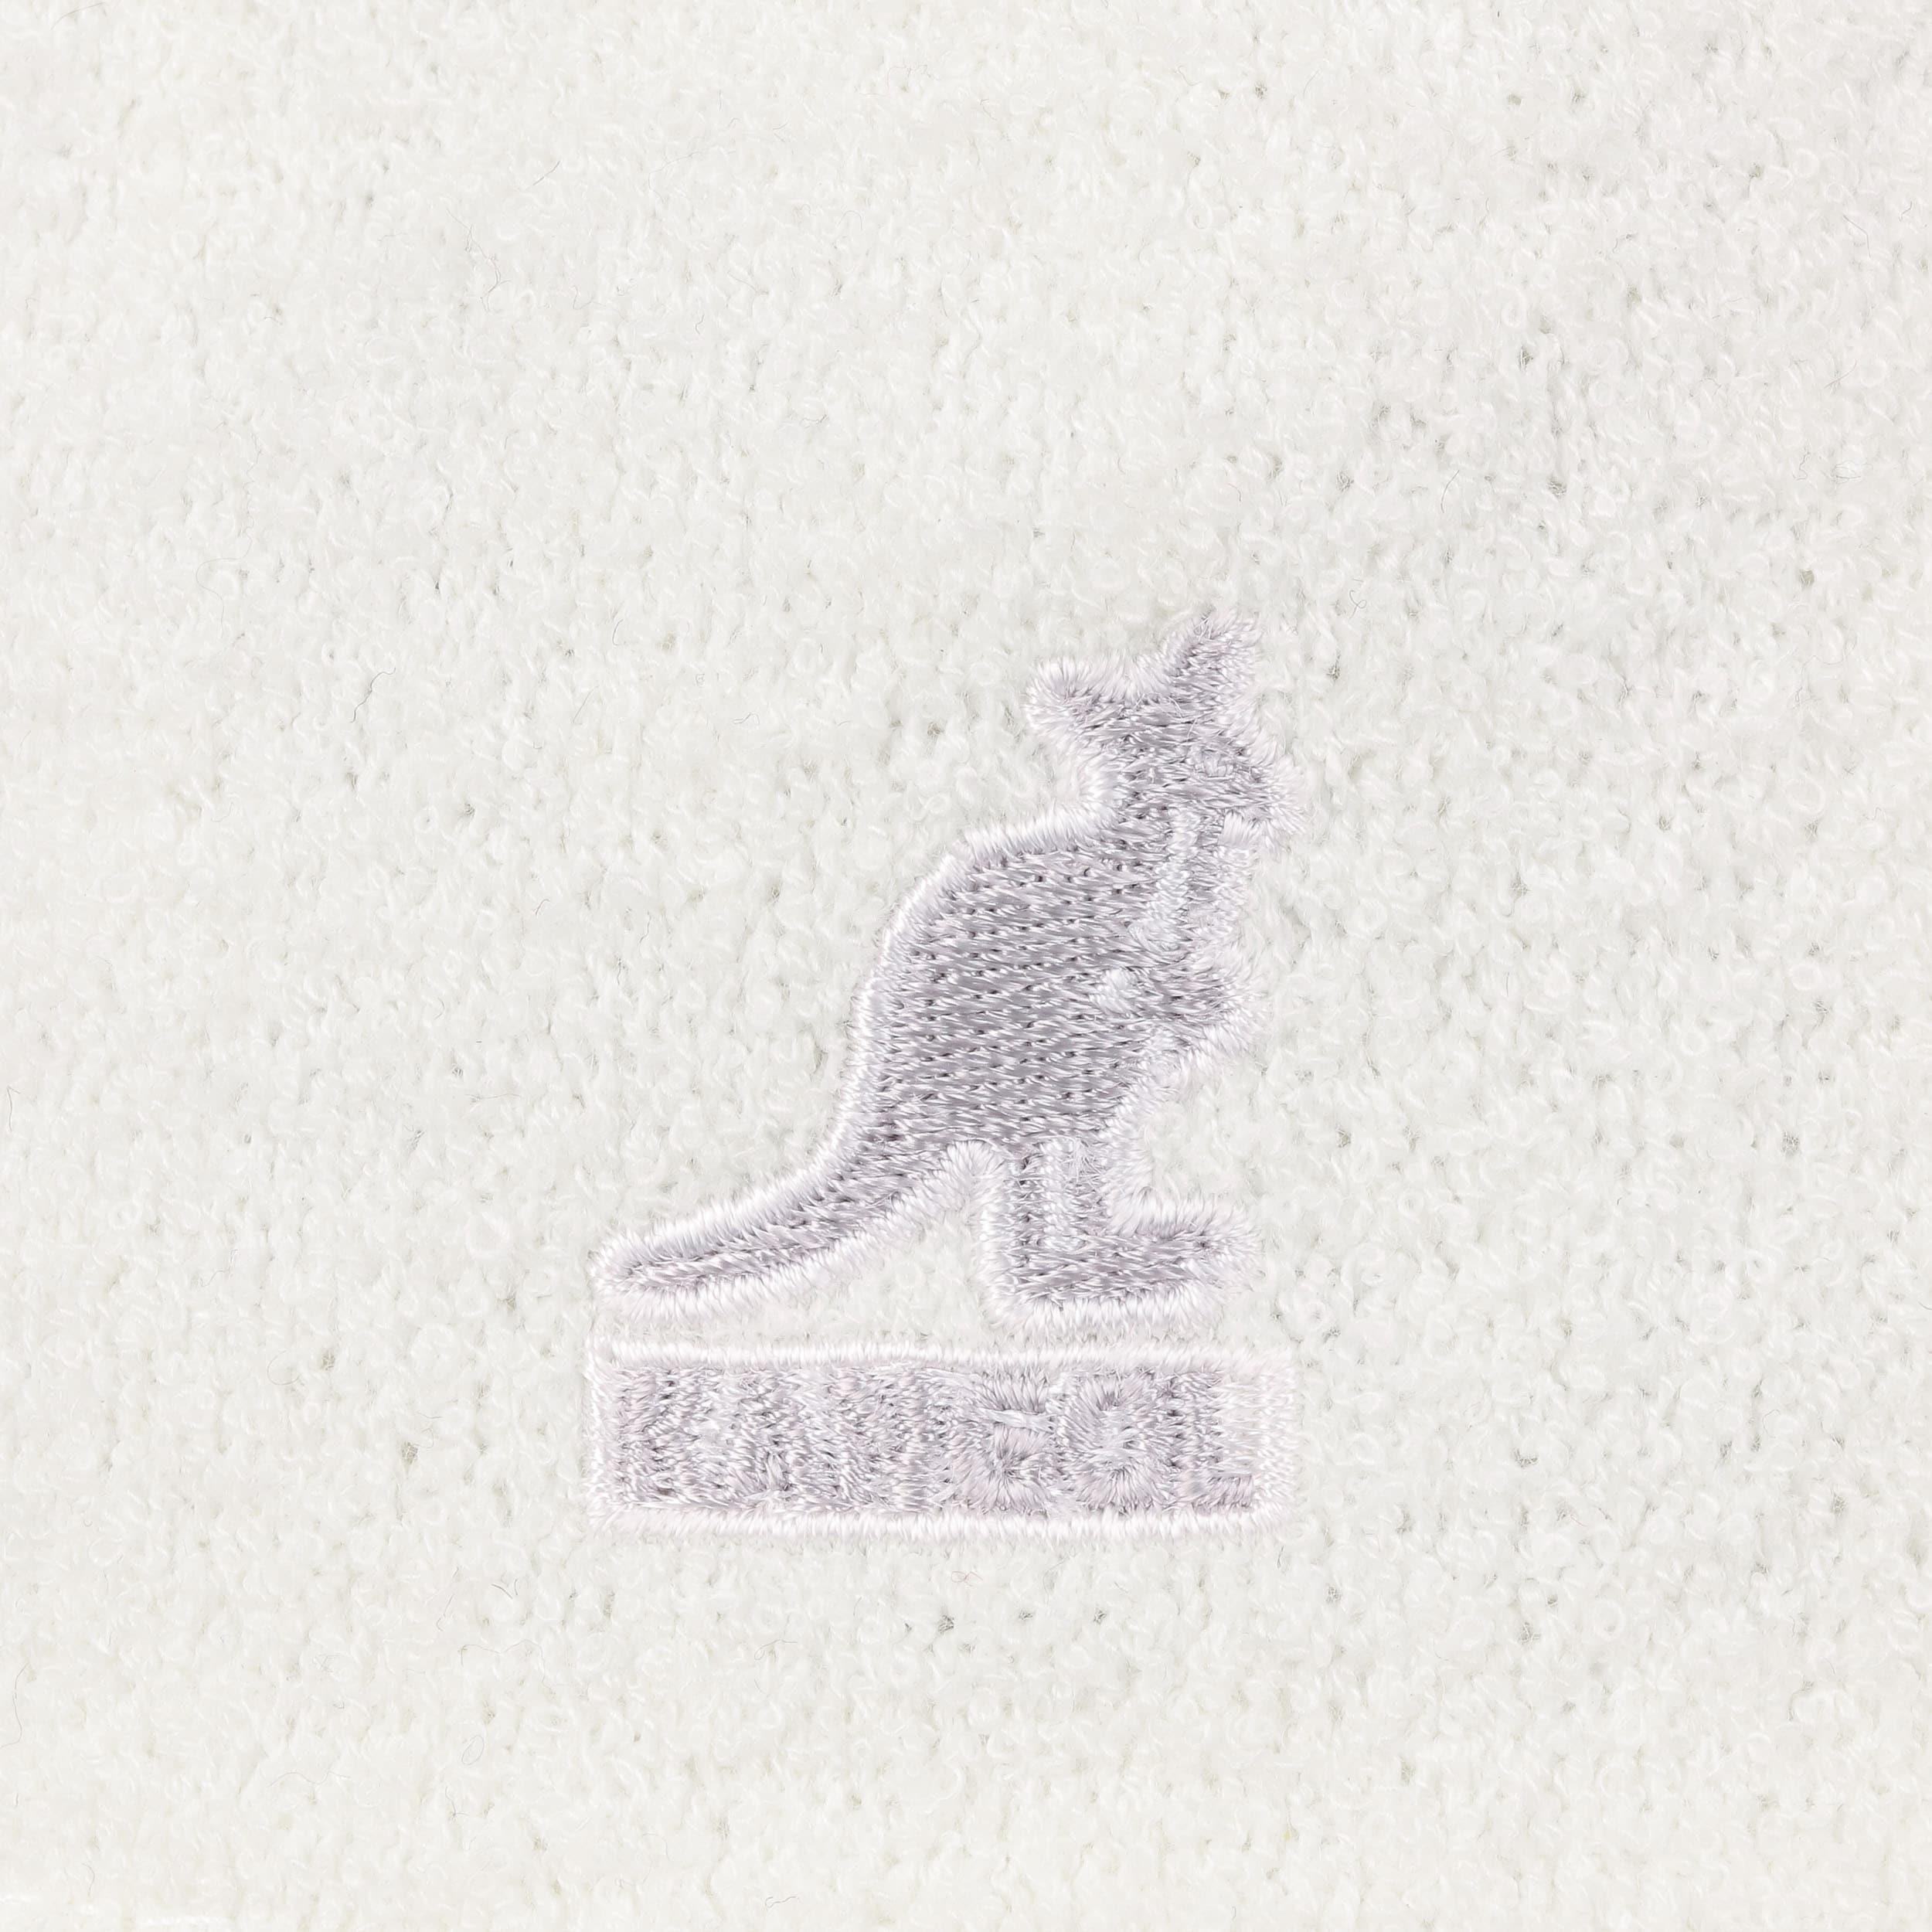 8af121b8f95f89 ... Bermuda Casual Soft Cloth Hat by Kangol - white 2 ...